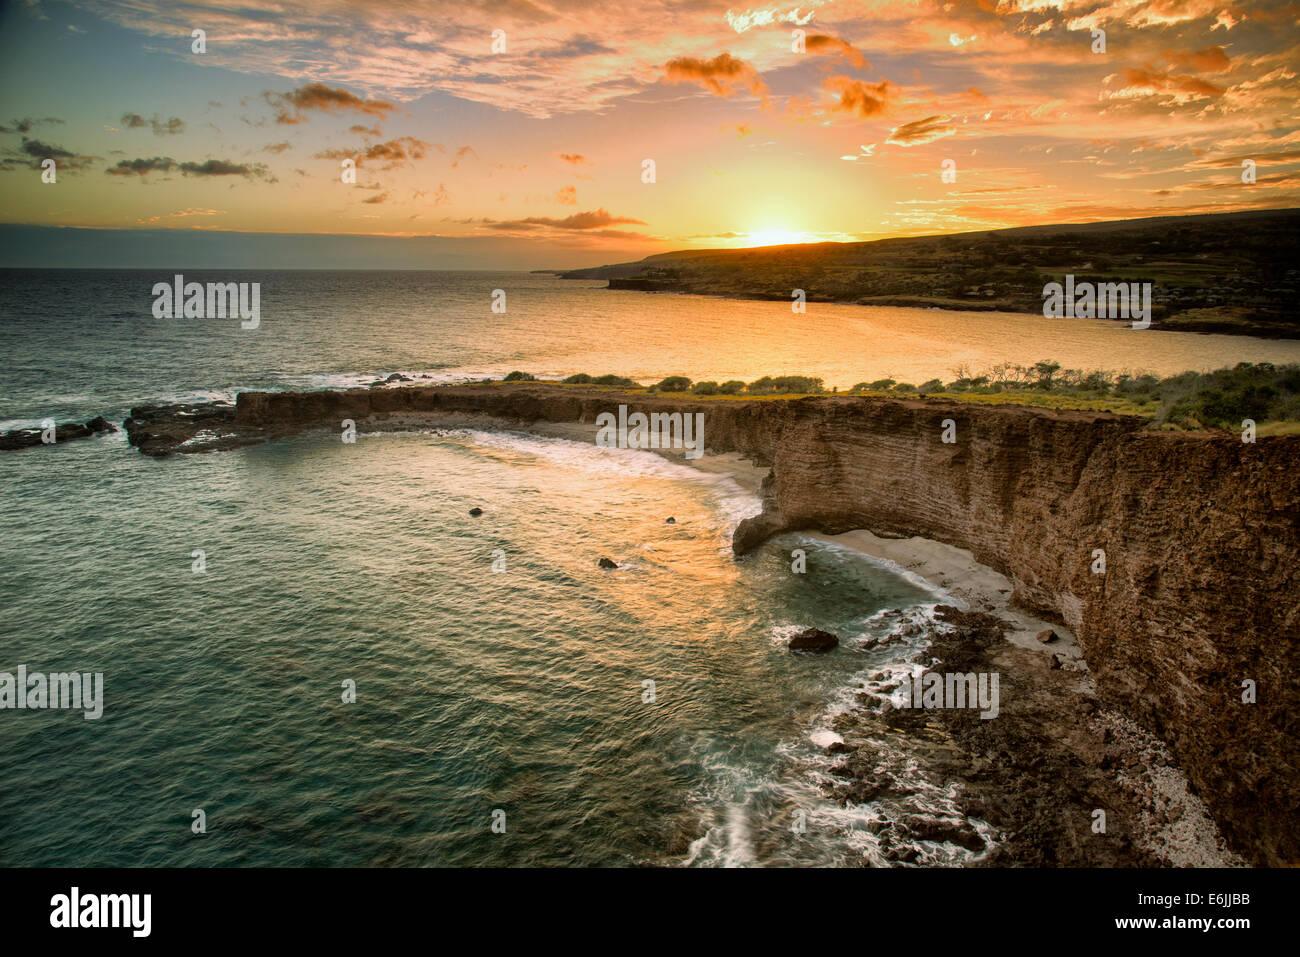 Sonnenuntergang am liebsten Rock, Lanai, Hawaii. Stockbild